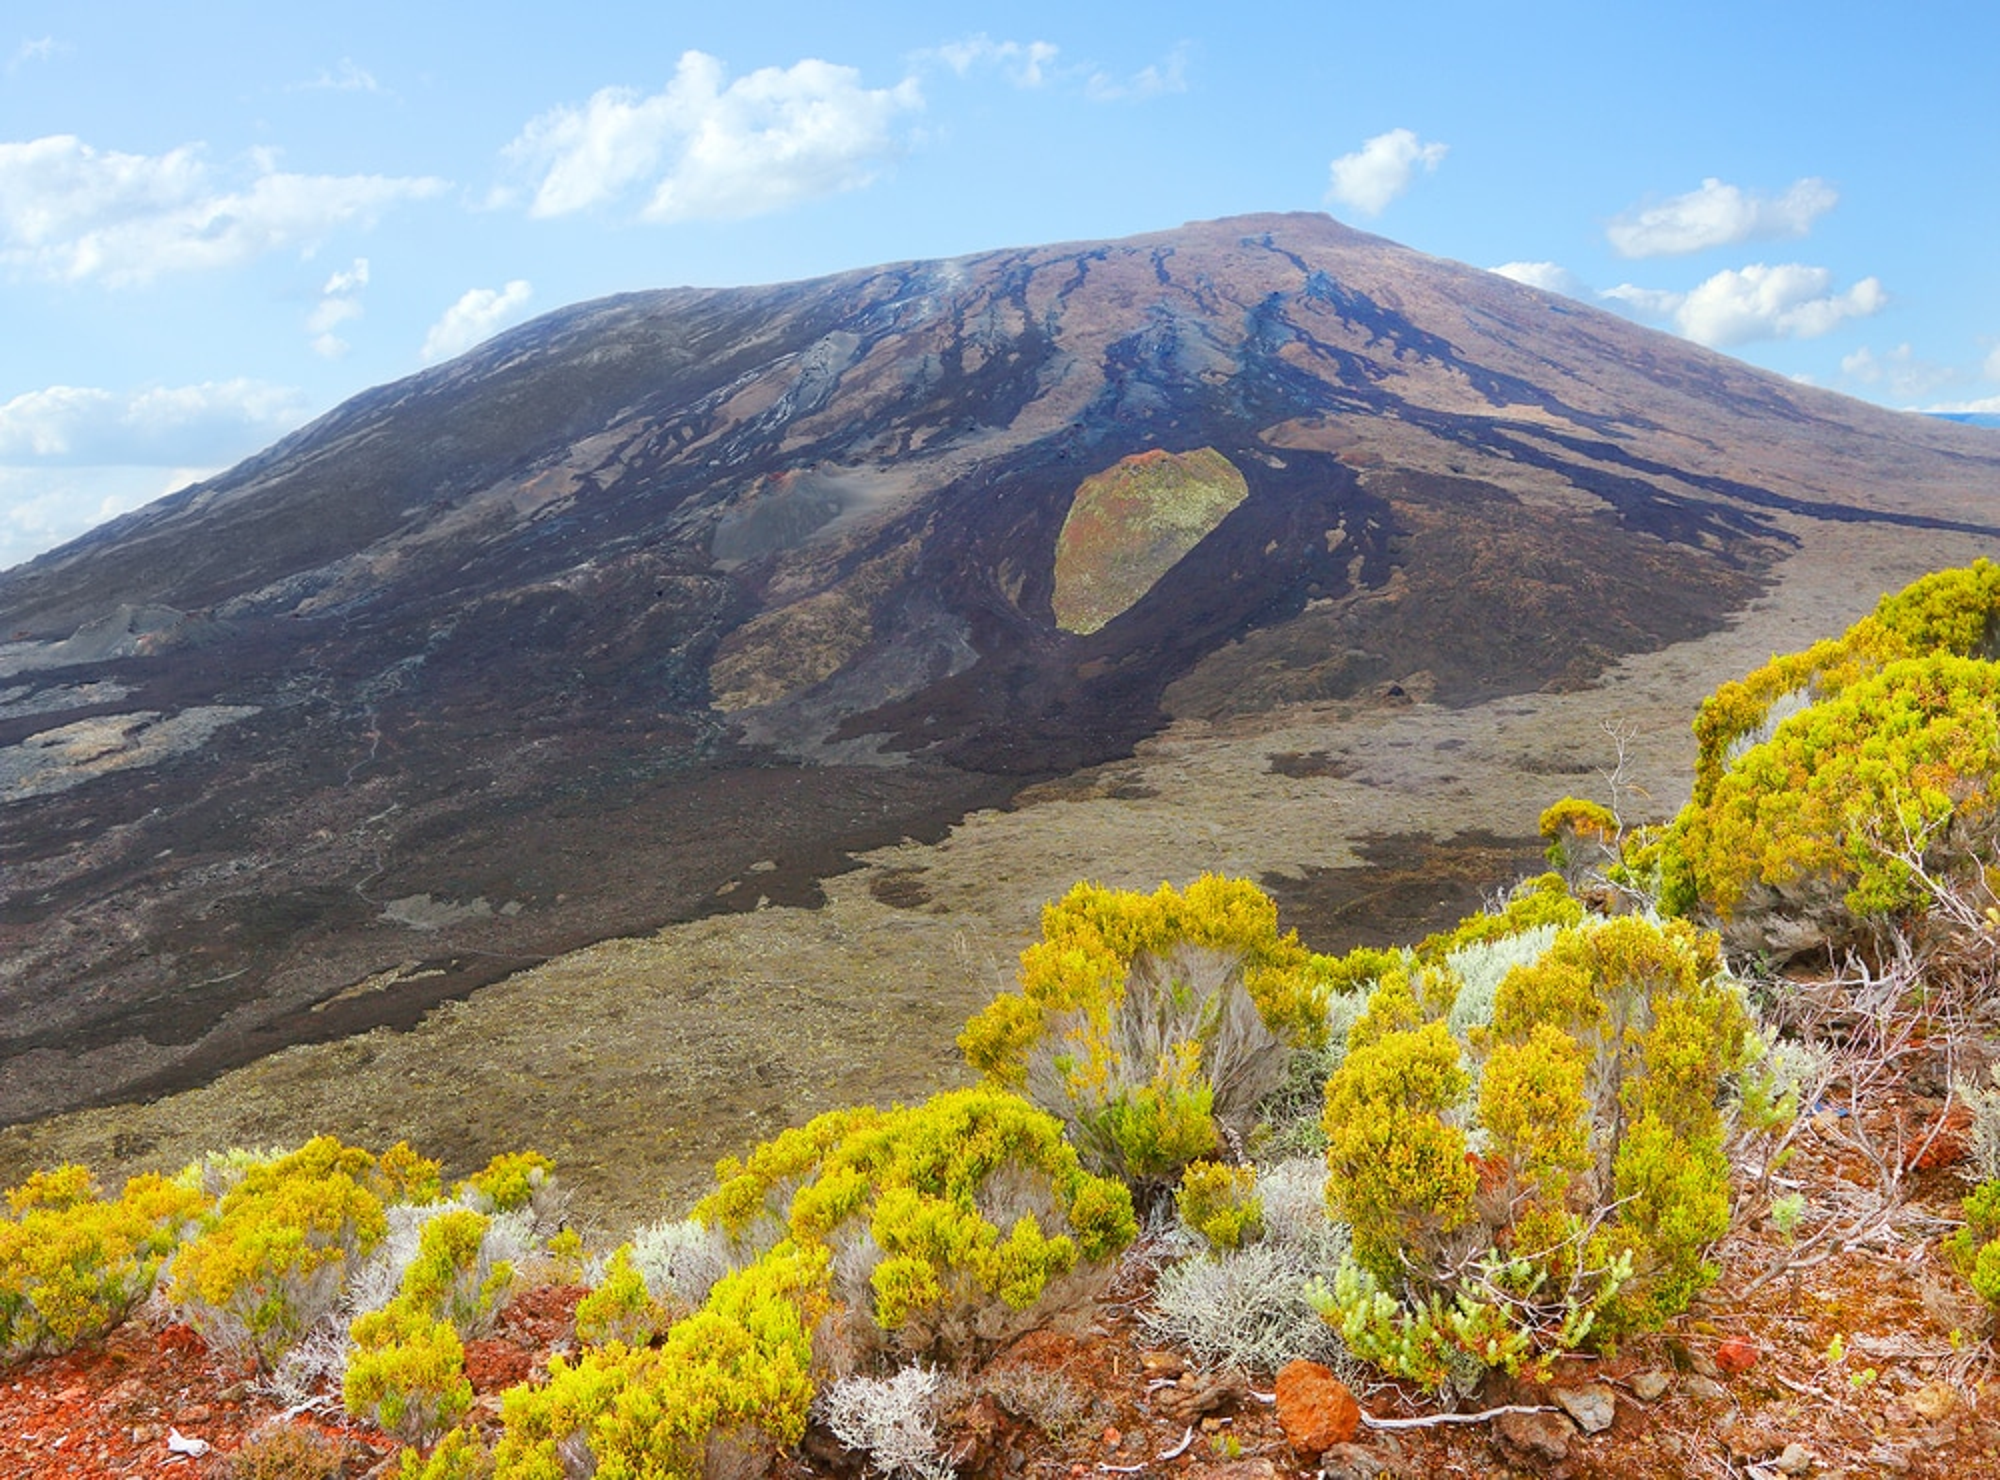 Le Piton de la Fournaise, histoire et géologie